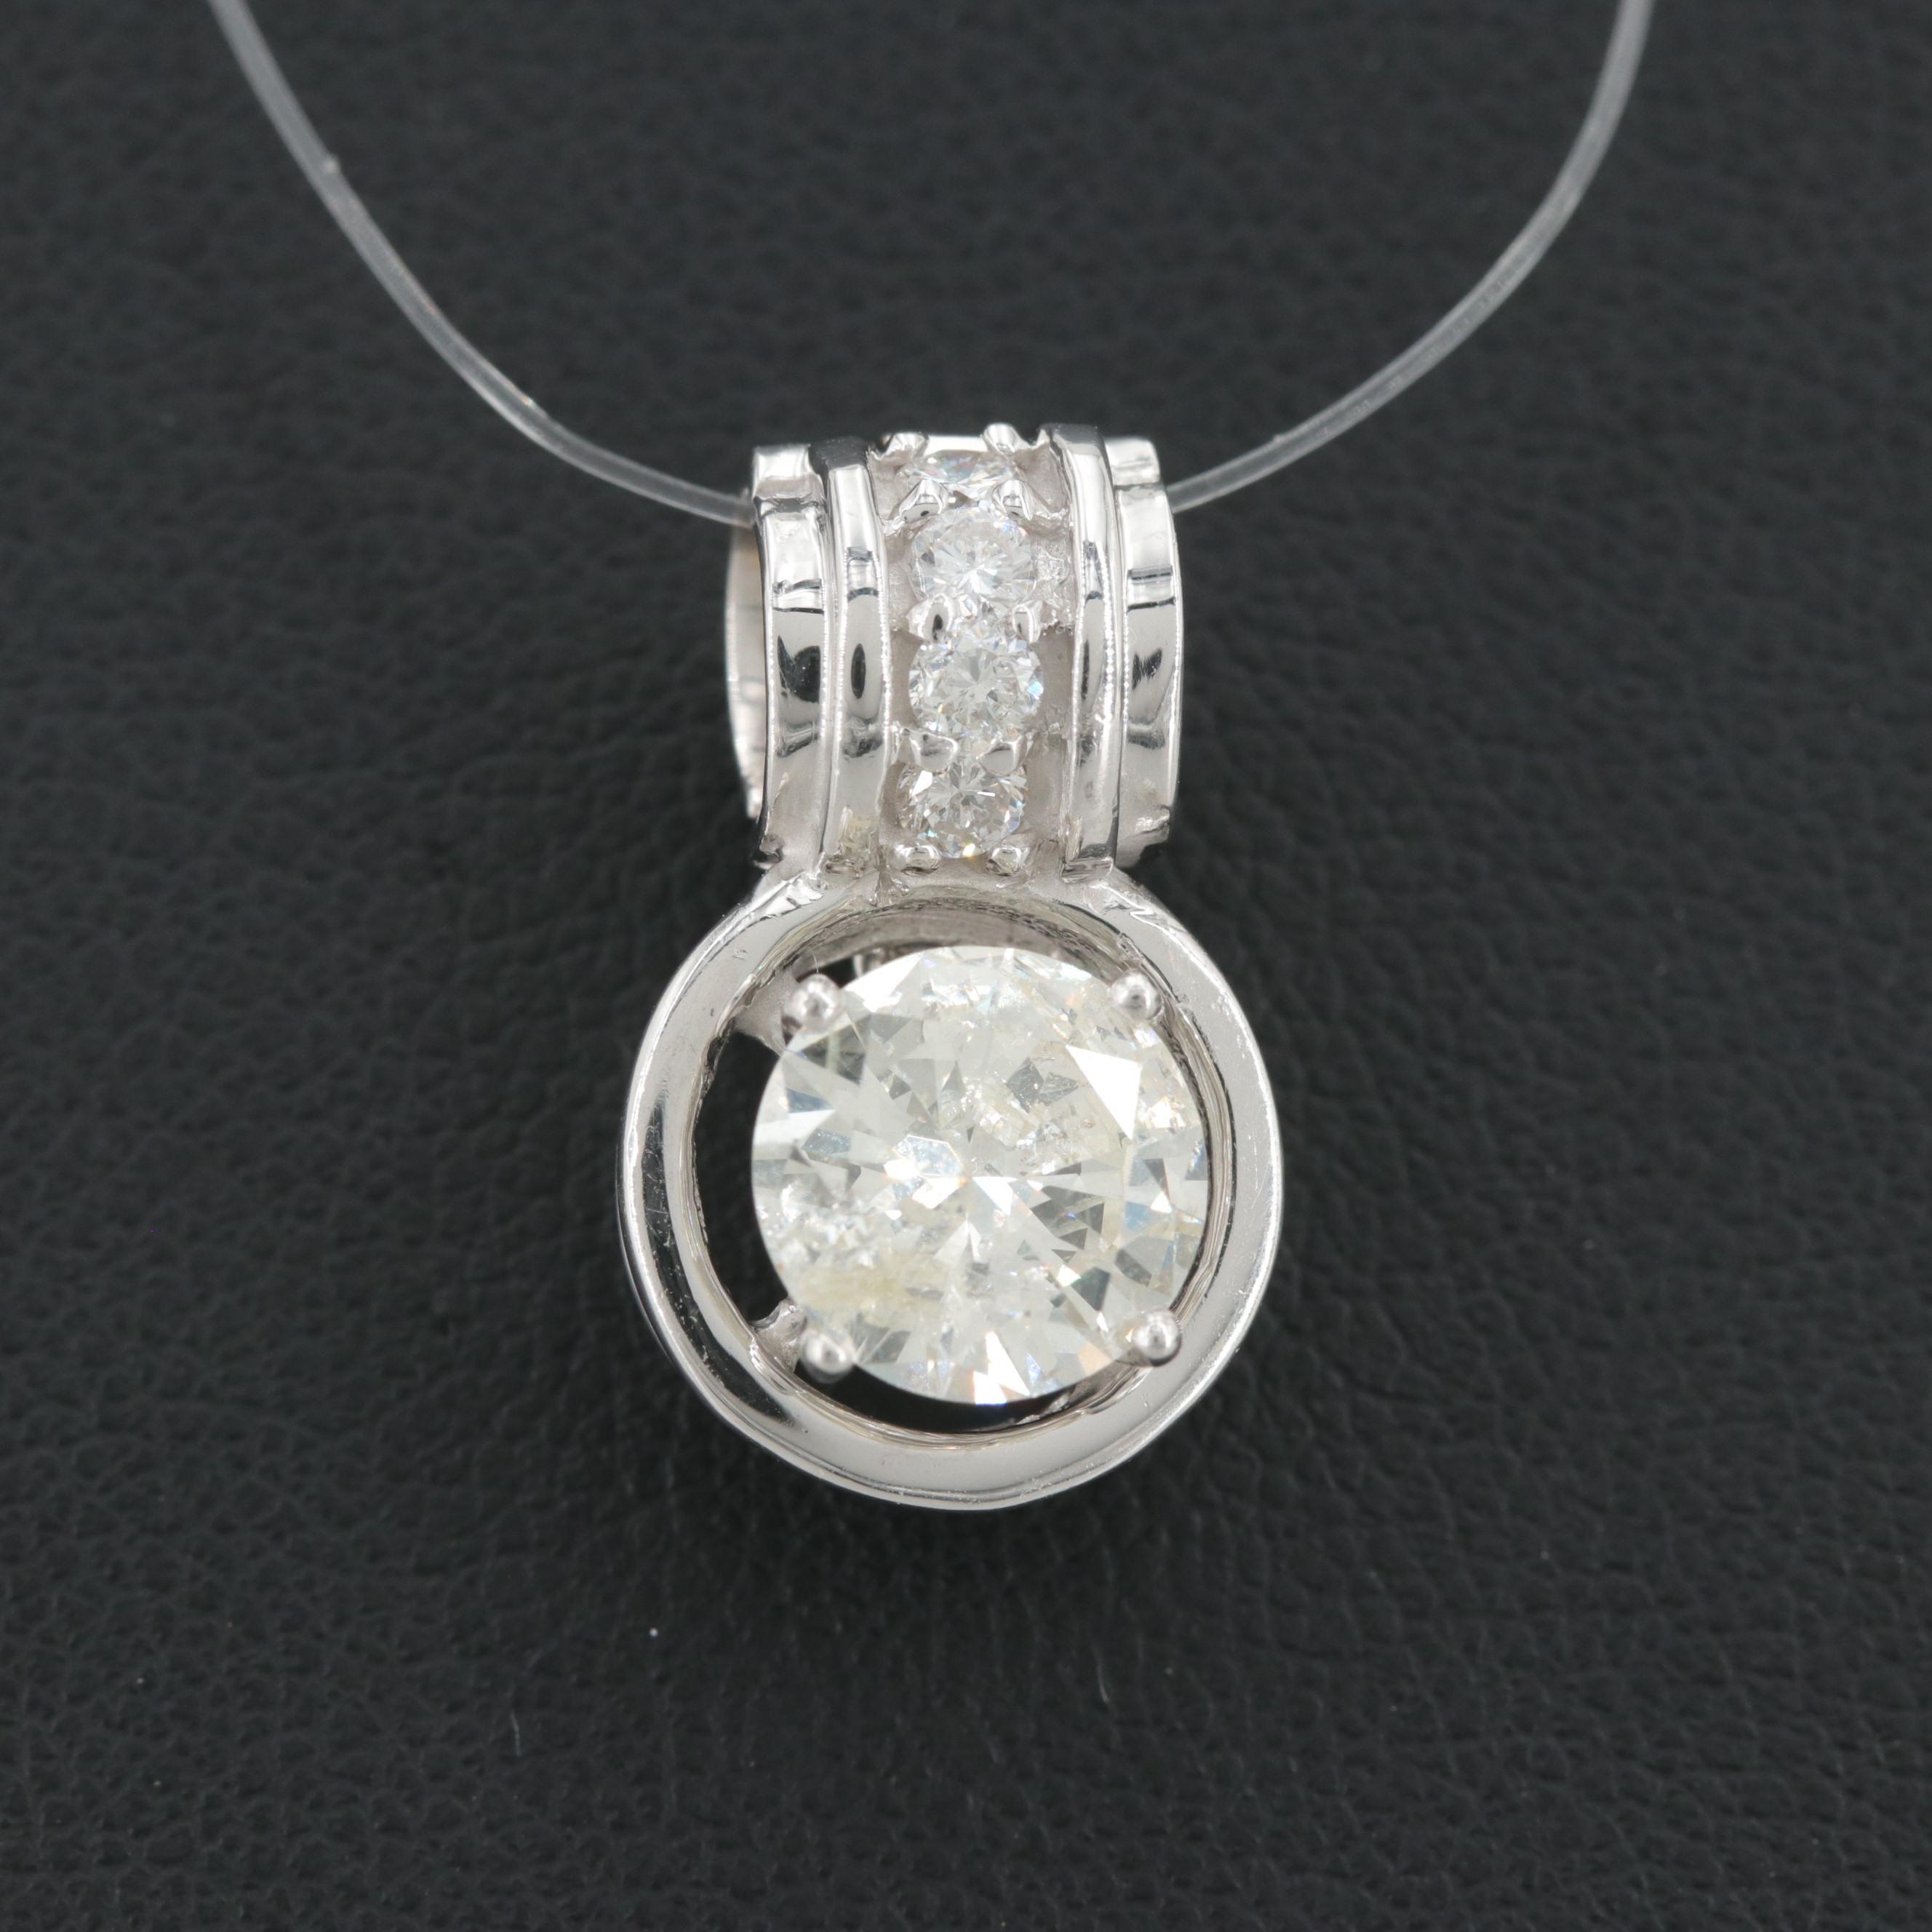 14K White Gold 1.46 CTW Diamond Enhancer Pendant